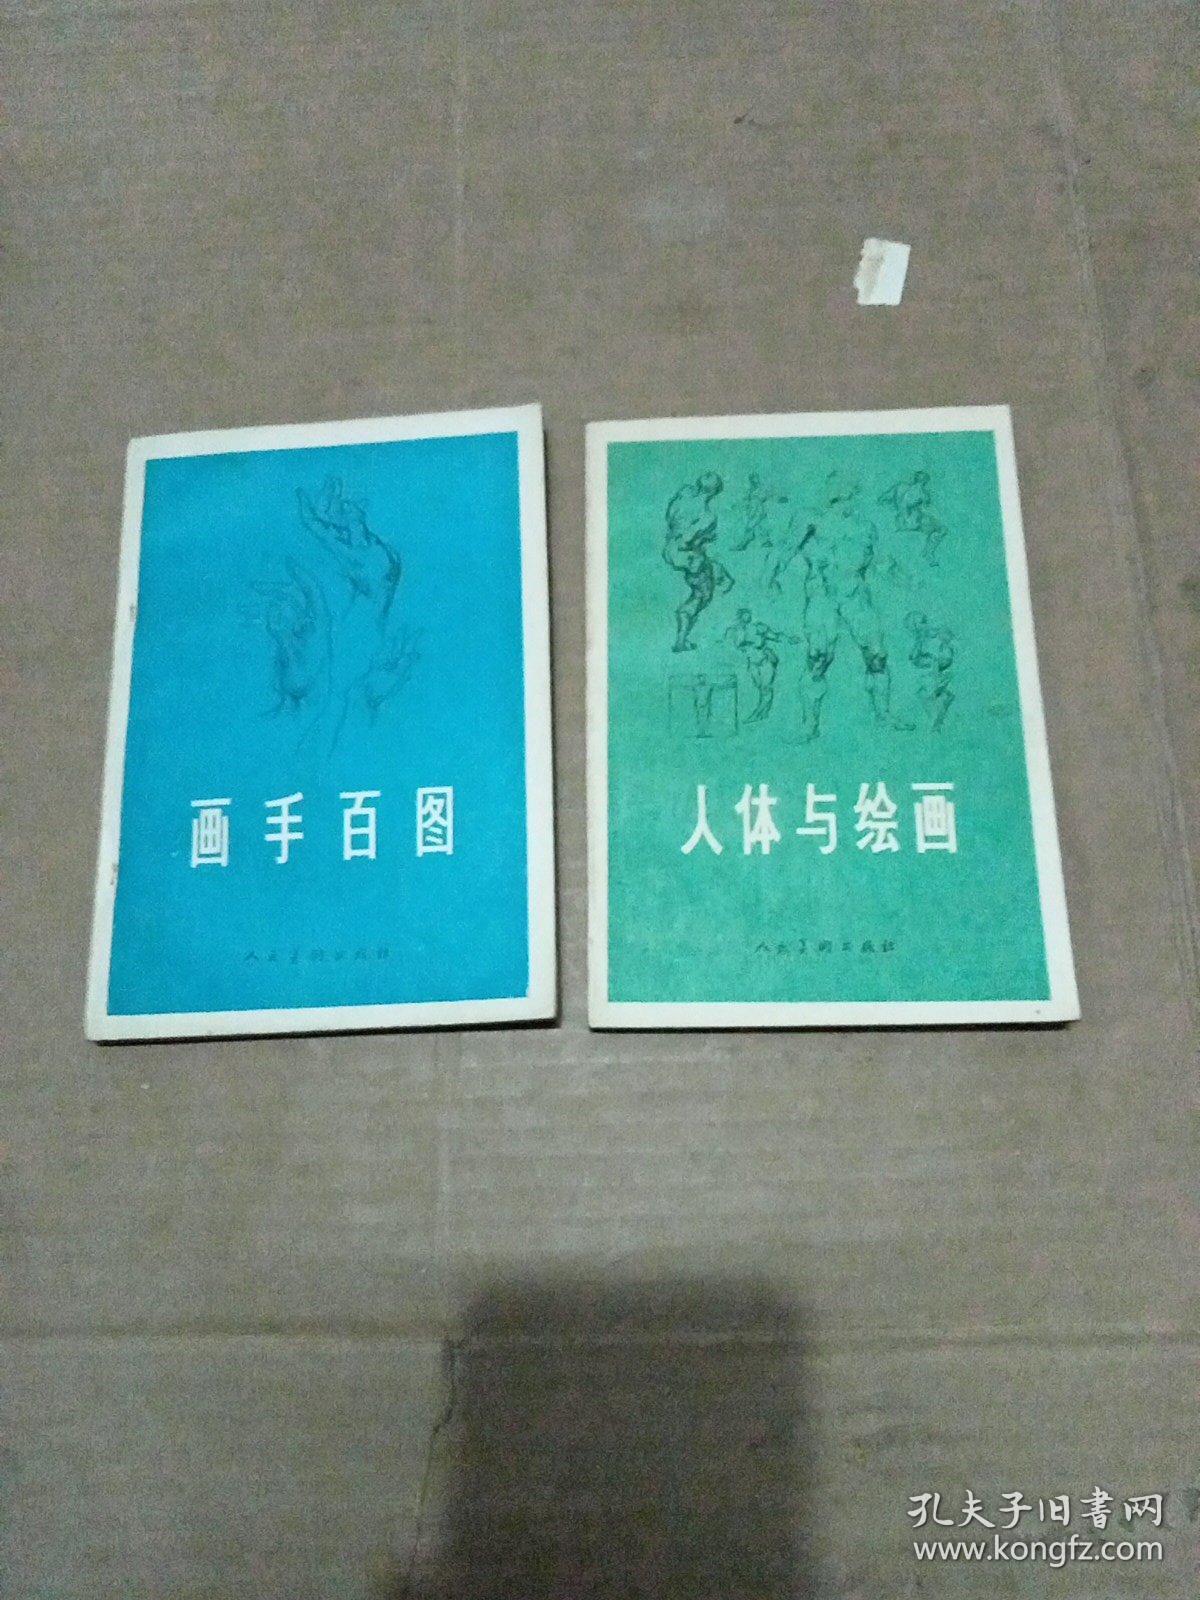 画手百图+人体与绘画2册和售